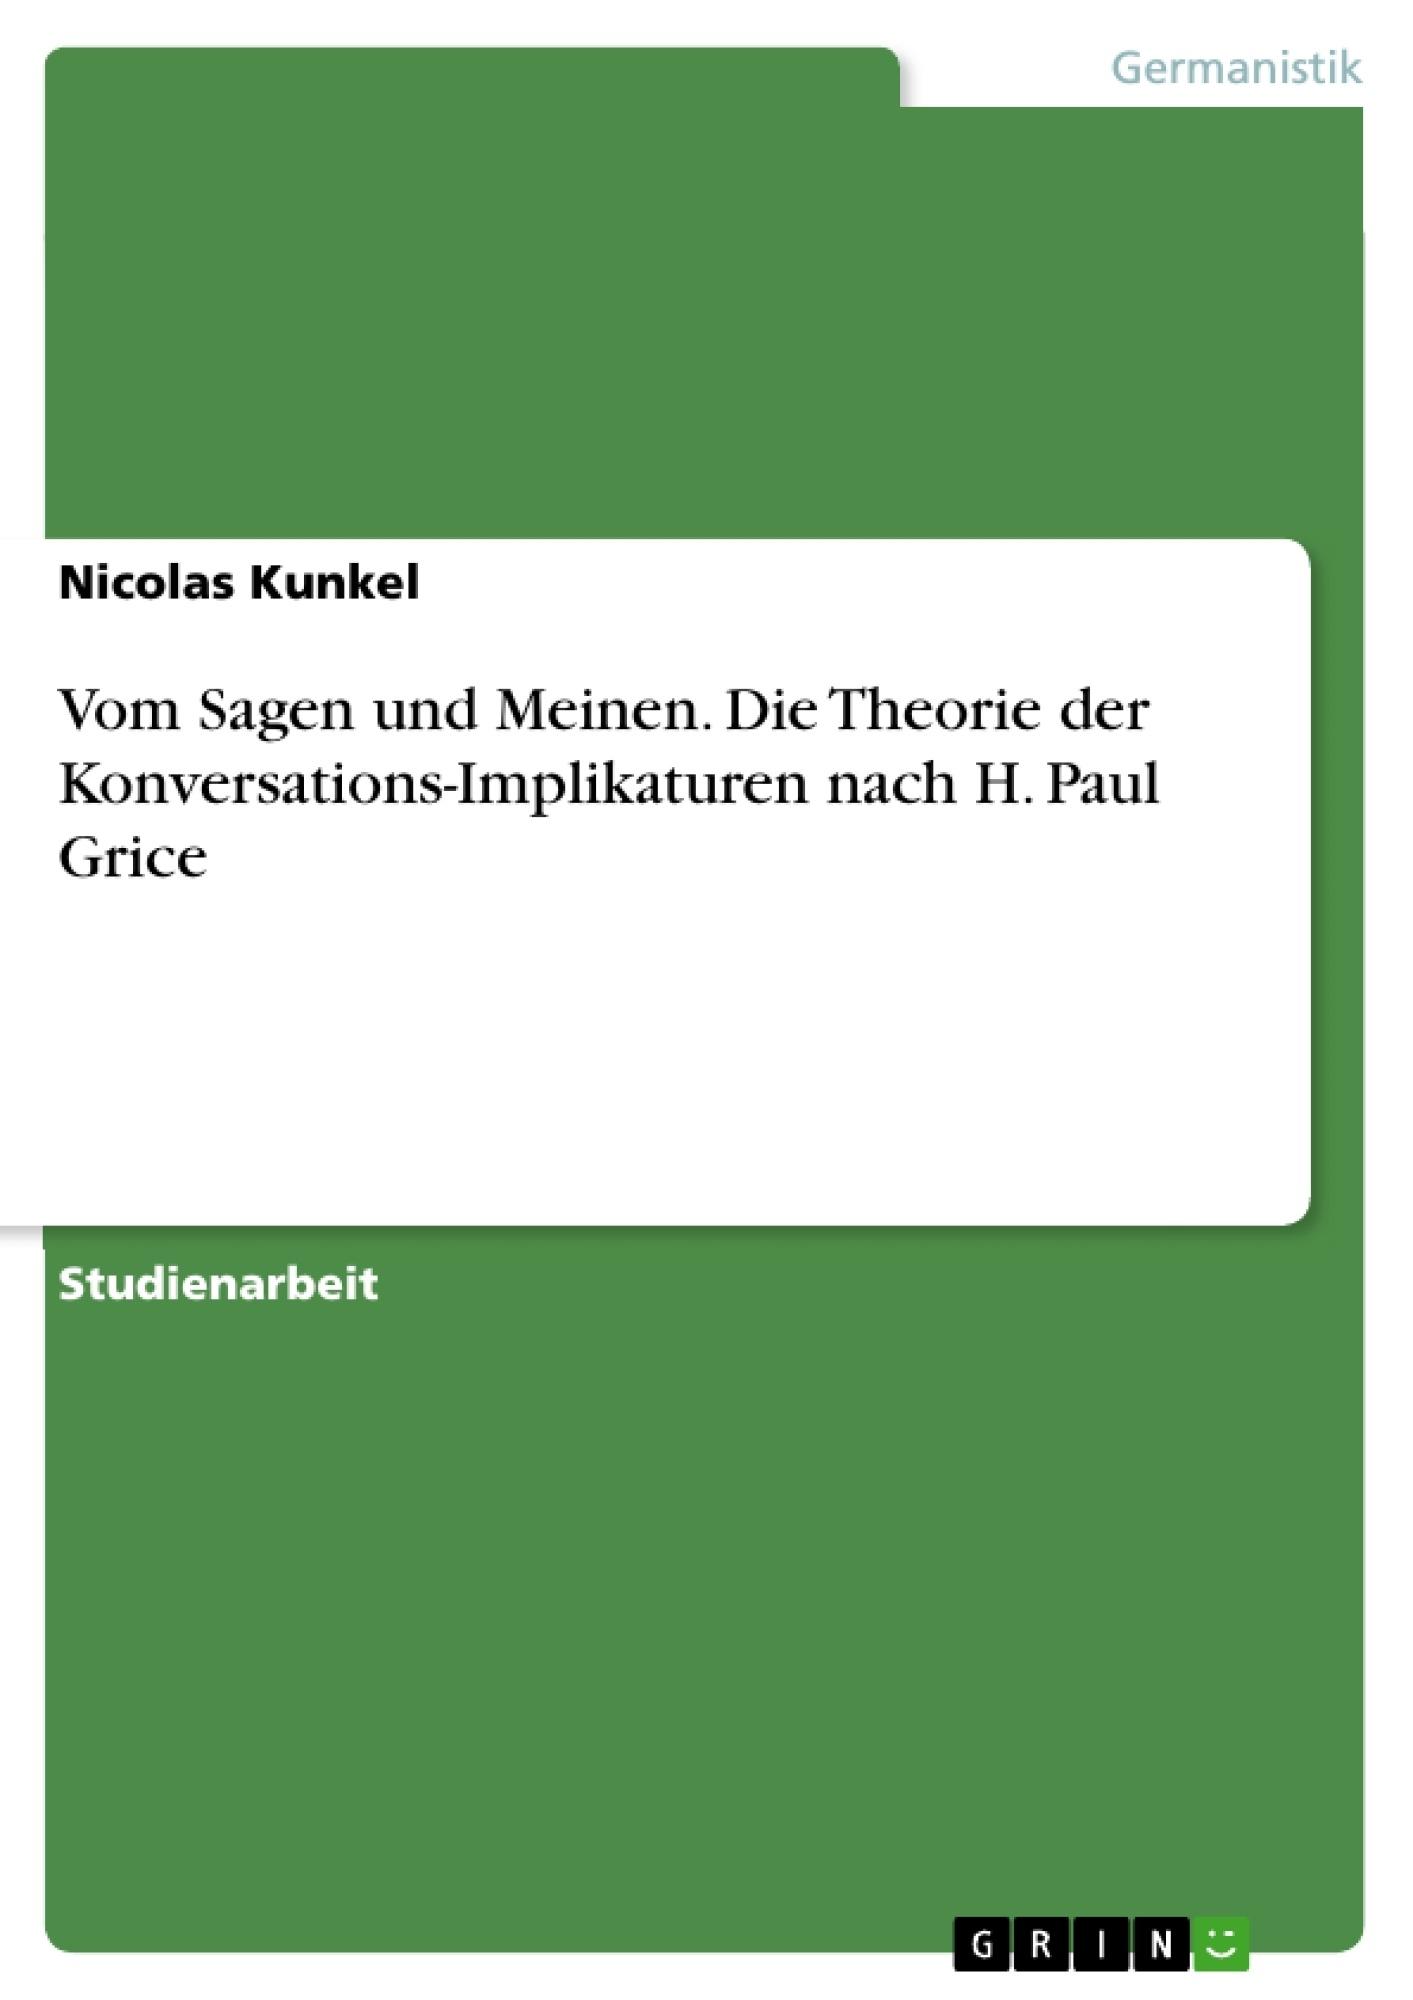 Titel: Vom Sagen und Meinen. Die Theorie der Konversations-Implikaturen nach H. Paul Grice